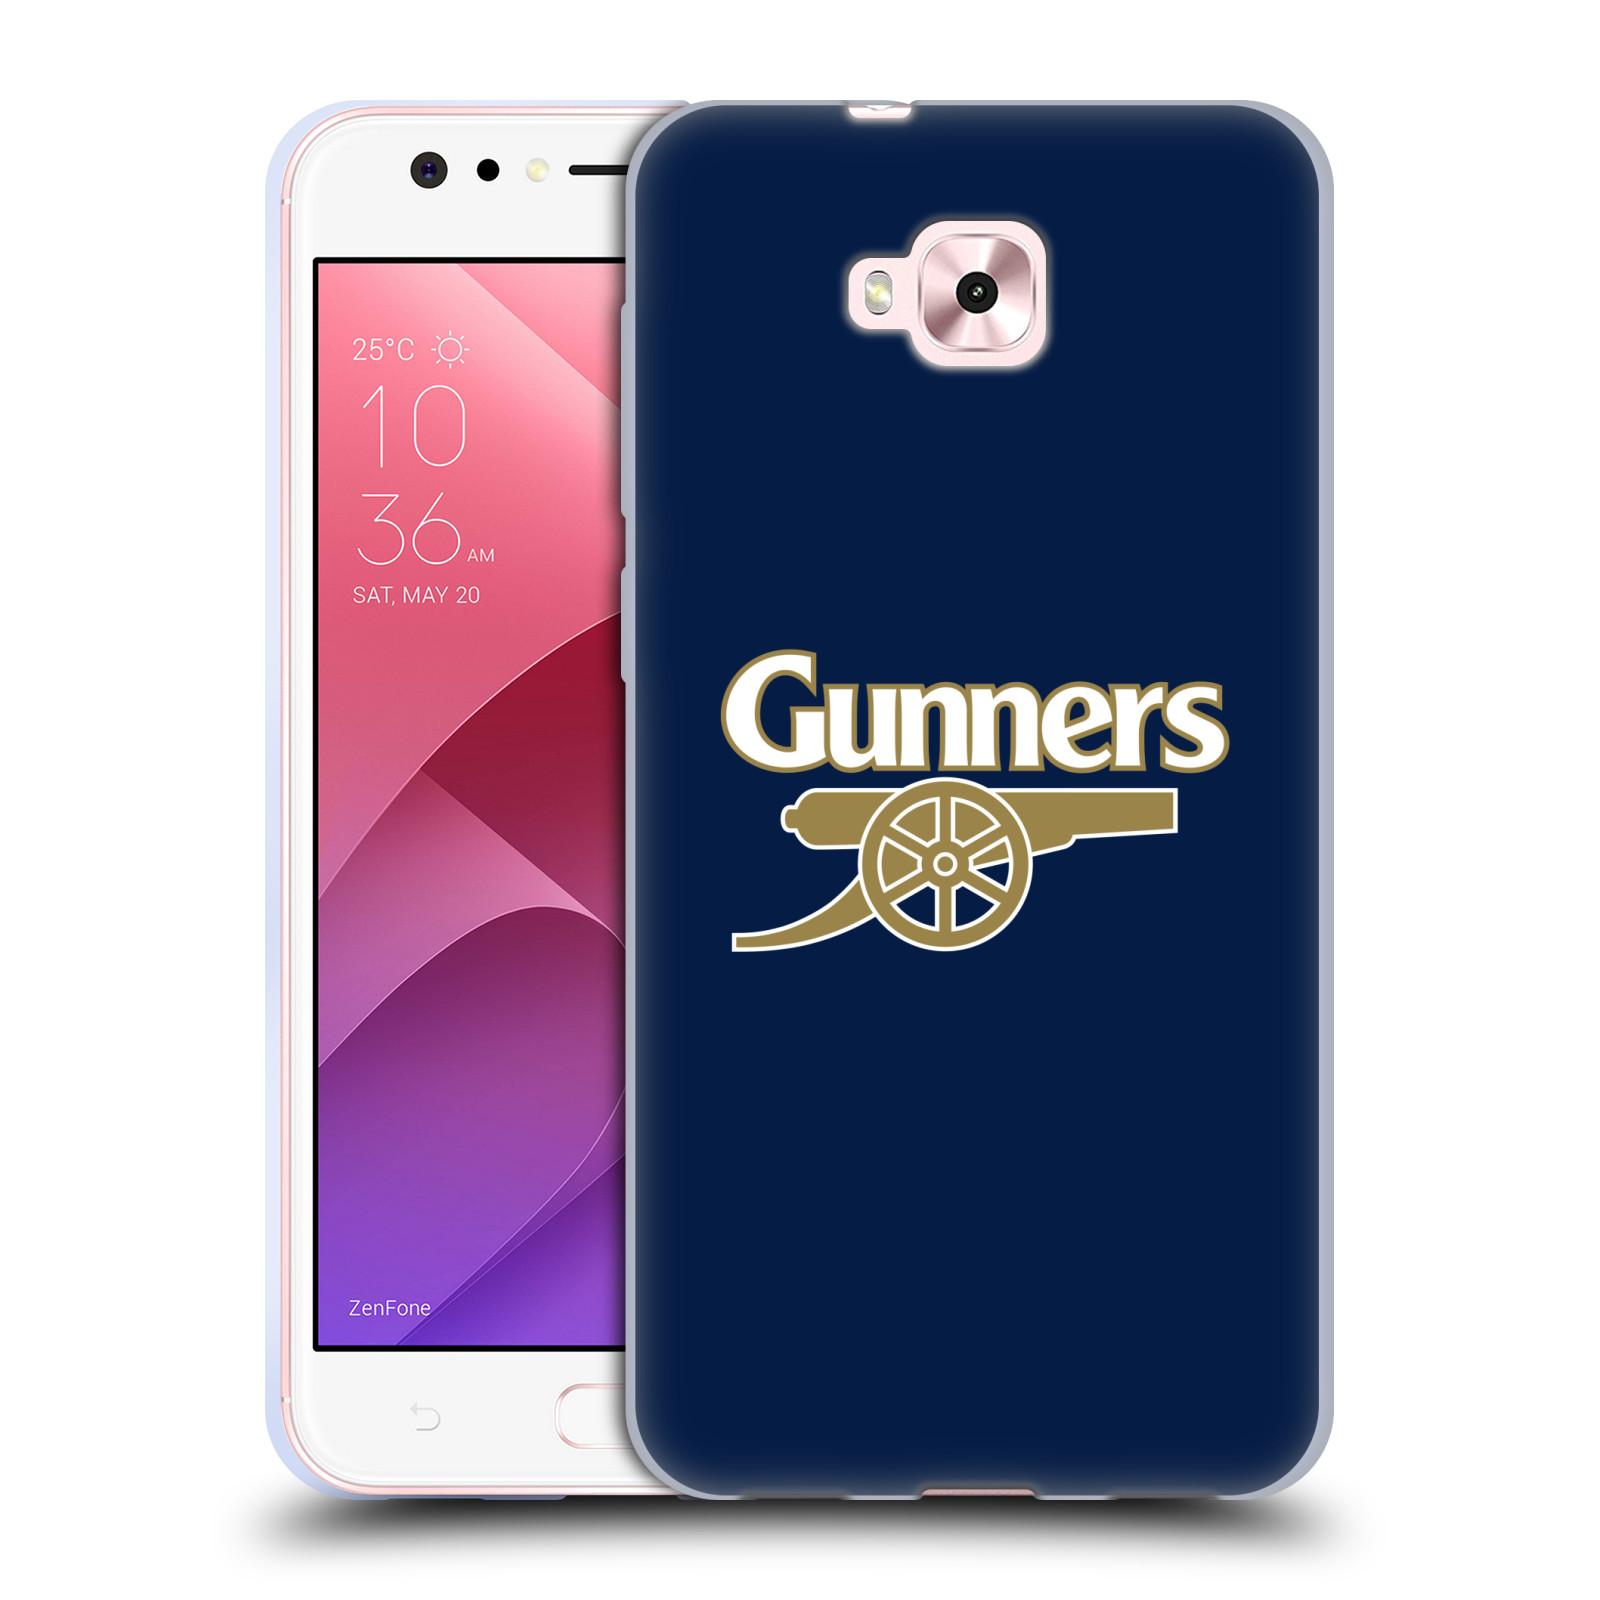 Silikonové pouzdro na mobil Asus Zenfone 4 Selfie ZD553KL - Head Case - Arsenal FC - Gunners